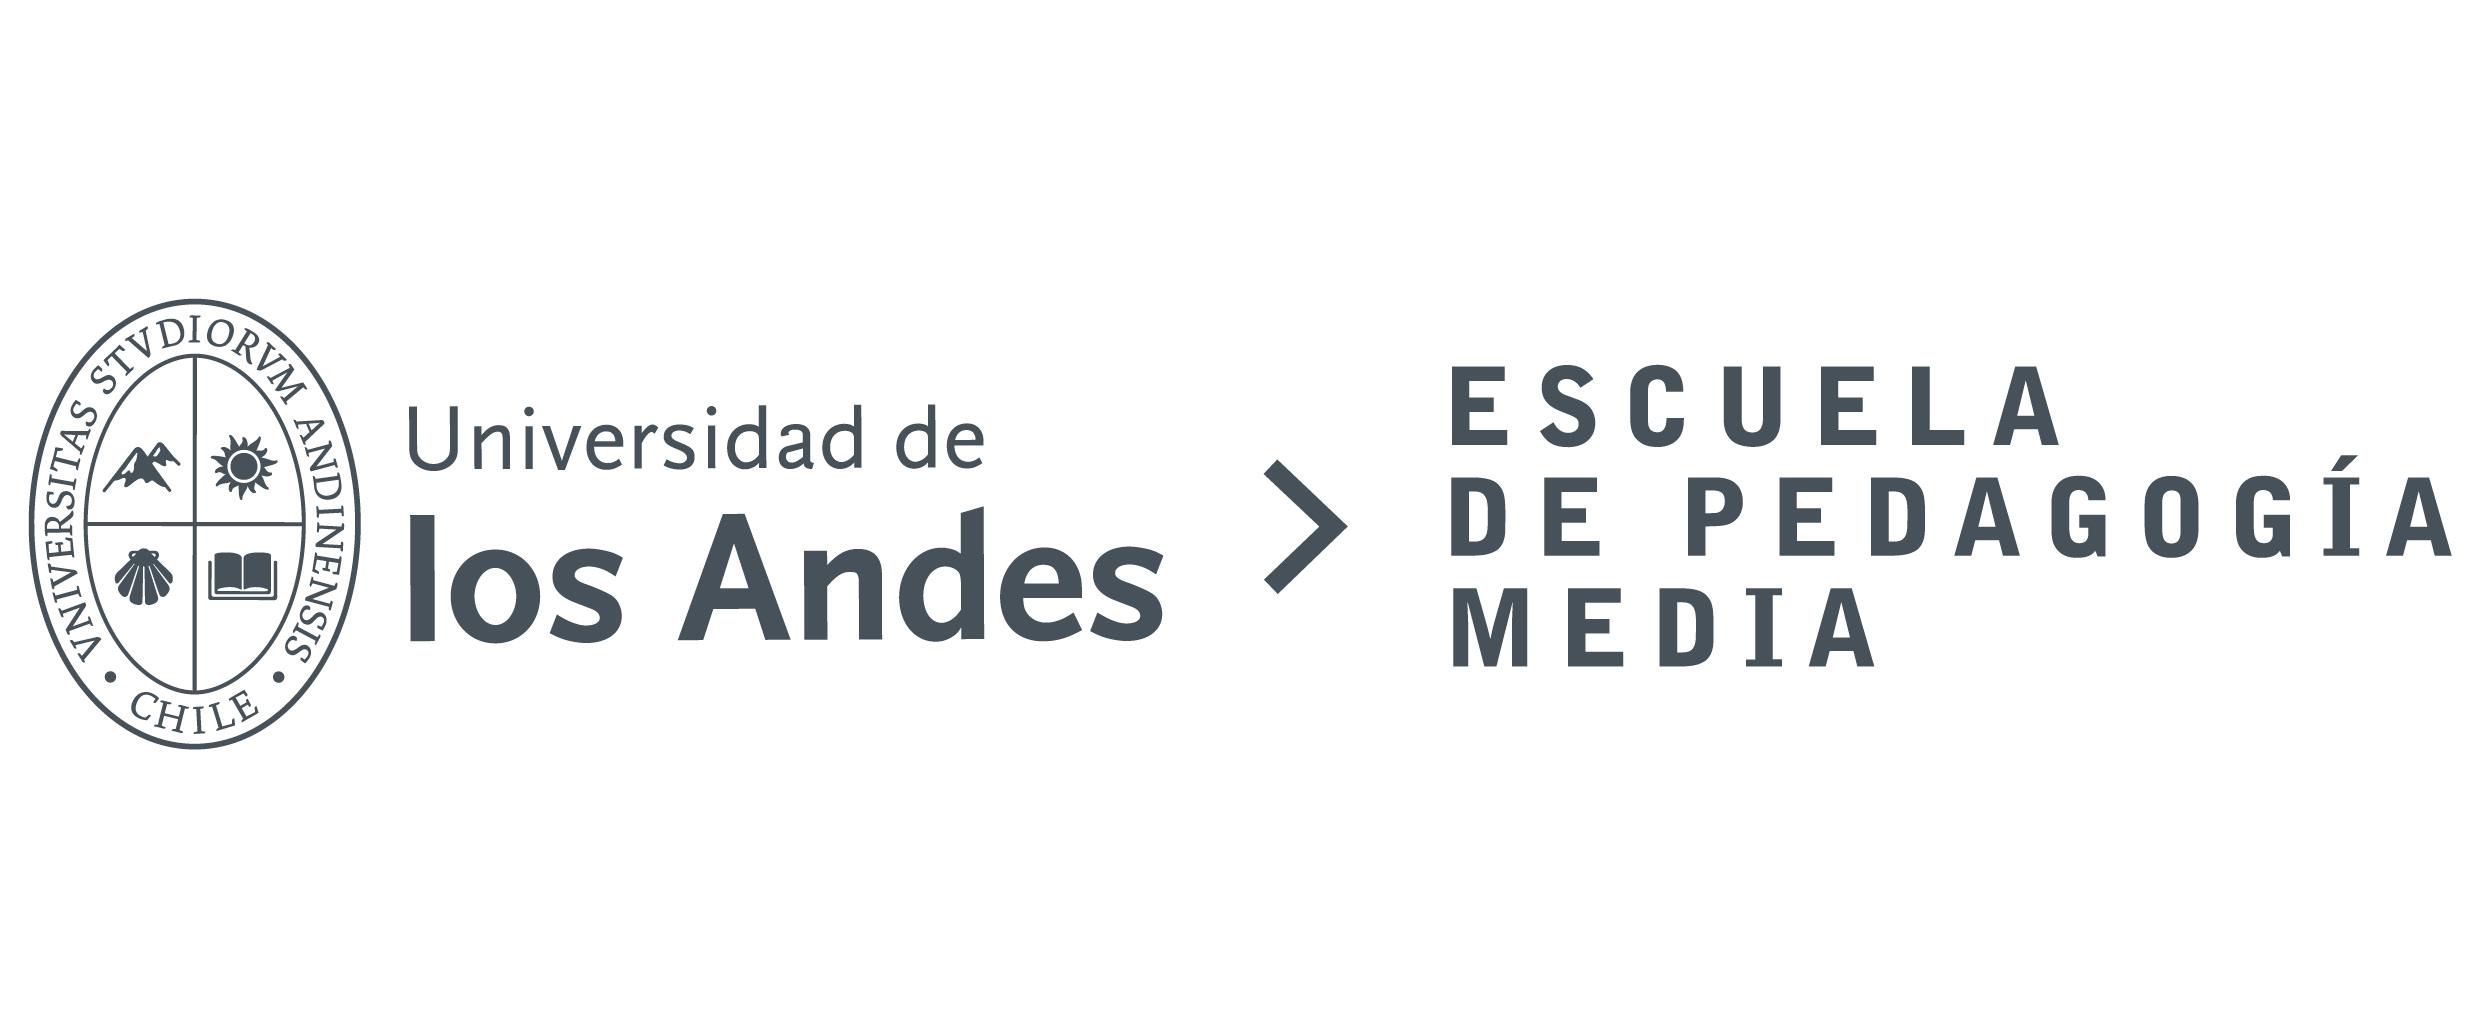 Escuela de Pedagogía Media